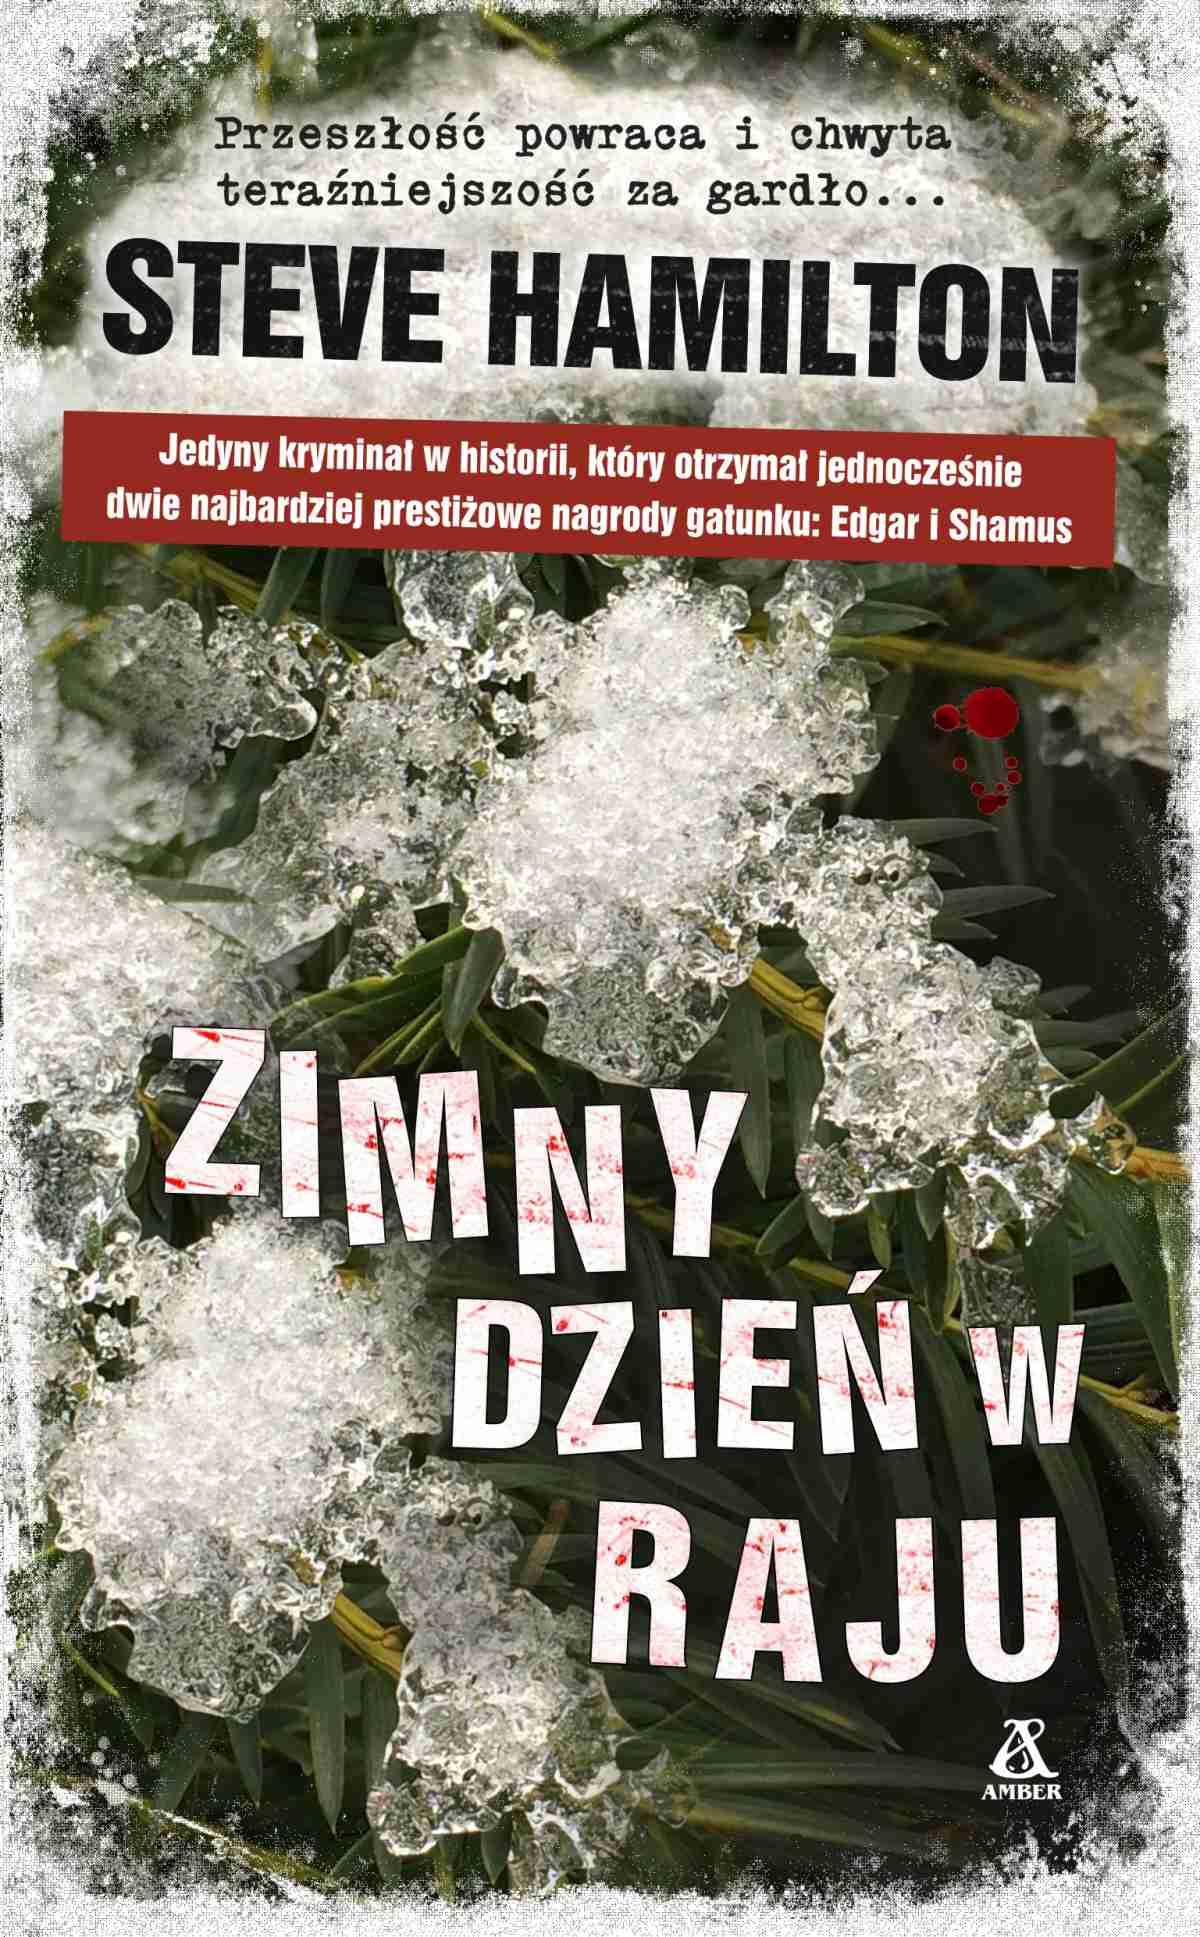 Zimny dzień w raju - Ebook (Książka EPUB) do pobrania w formacie EPUB